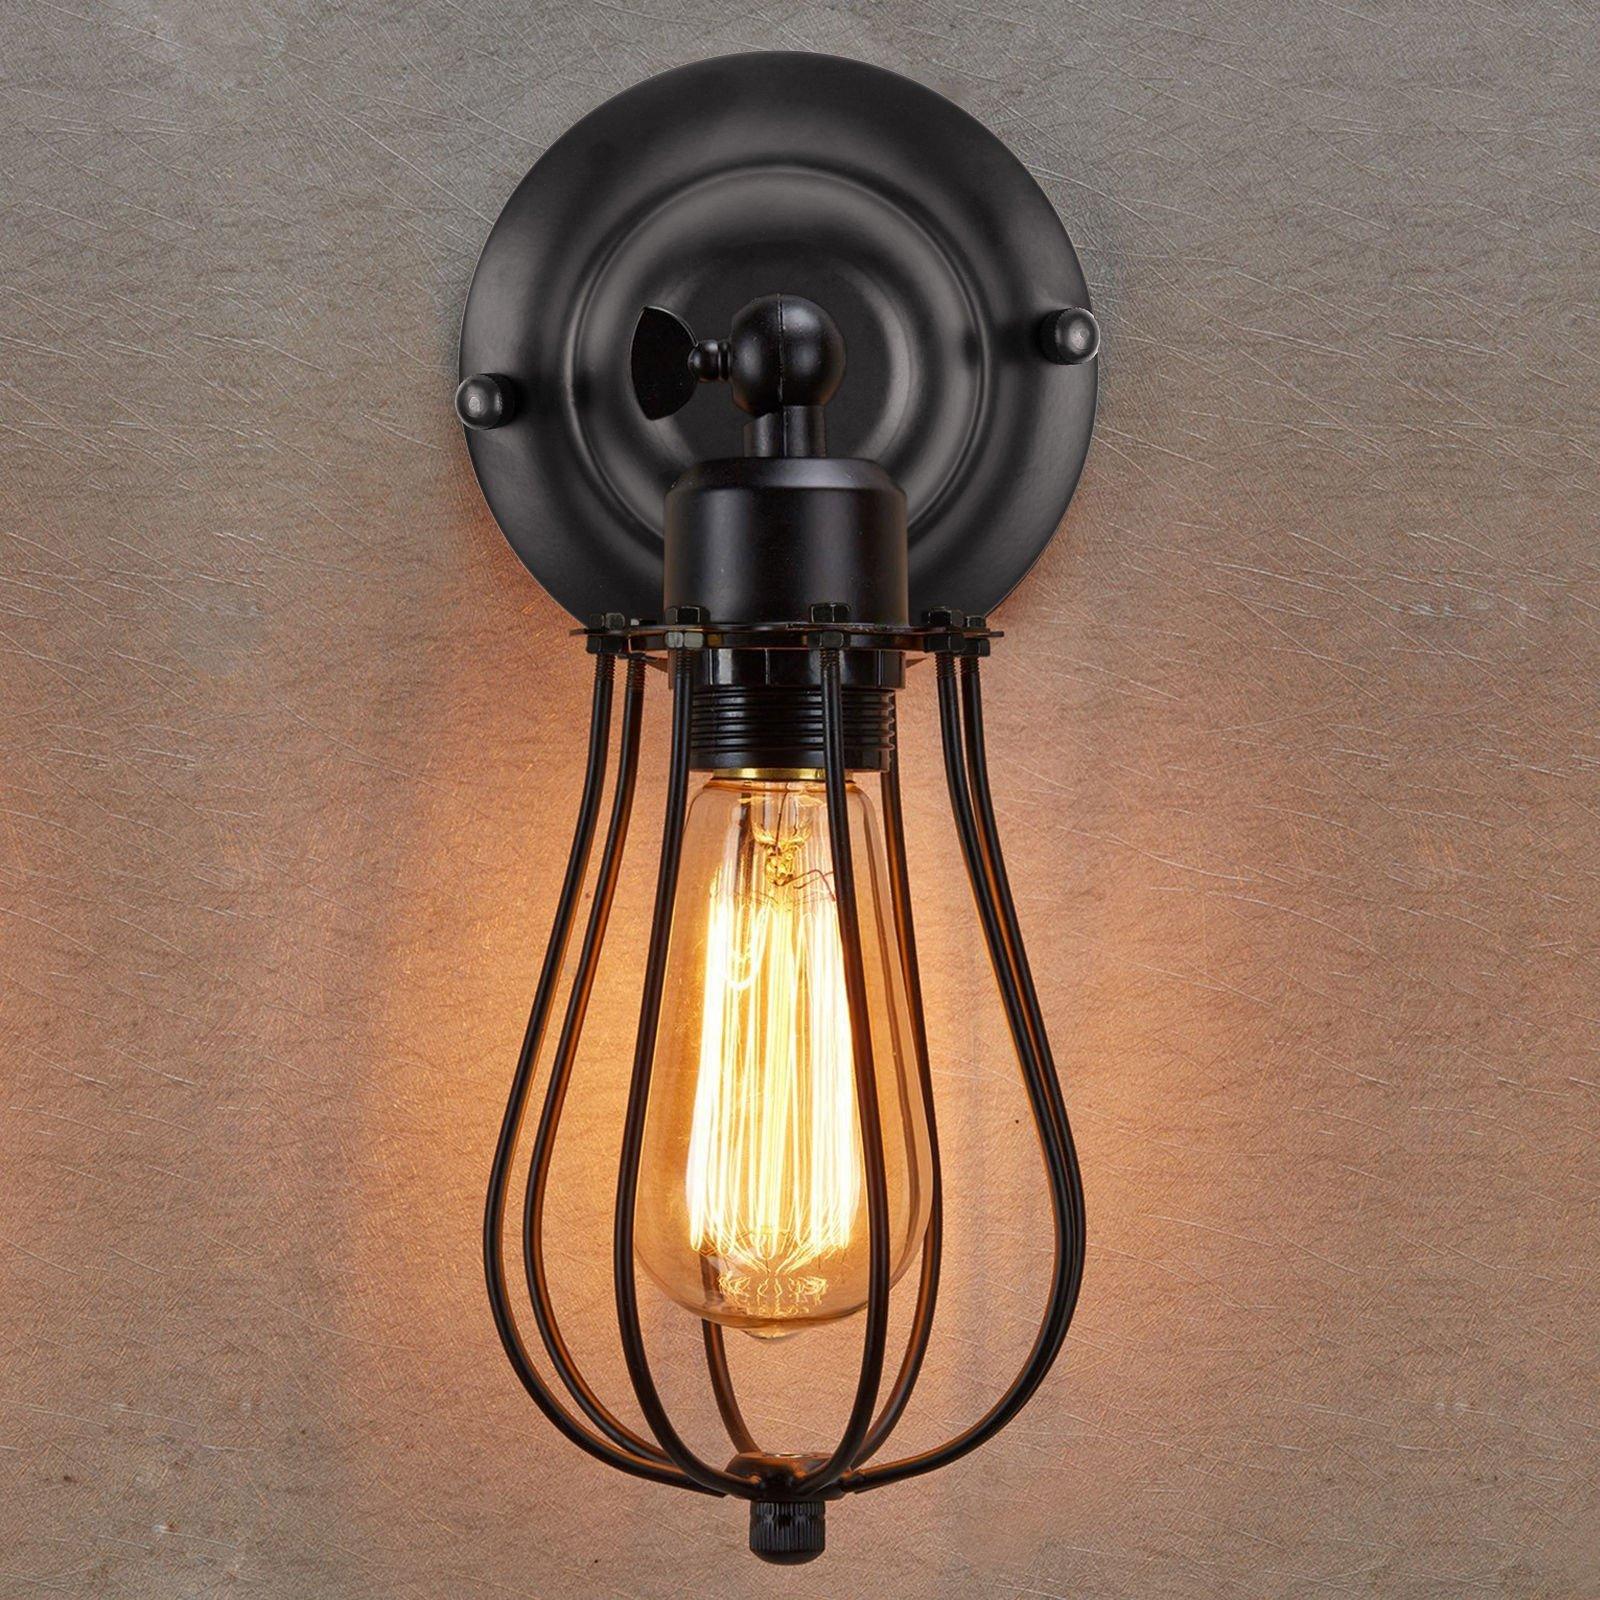 Hal-hal yang Harus Diperhatikan Ketika Memilih Lampu Dinding - Lampu Dinding yang Tepat Membuat Kamar Hotel Lebih Nyaman - darkwoodandrust.com